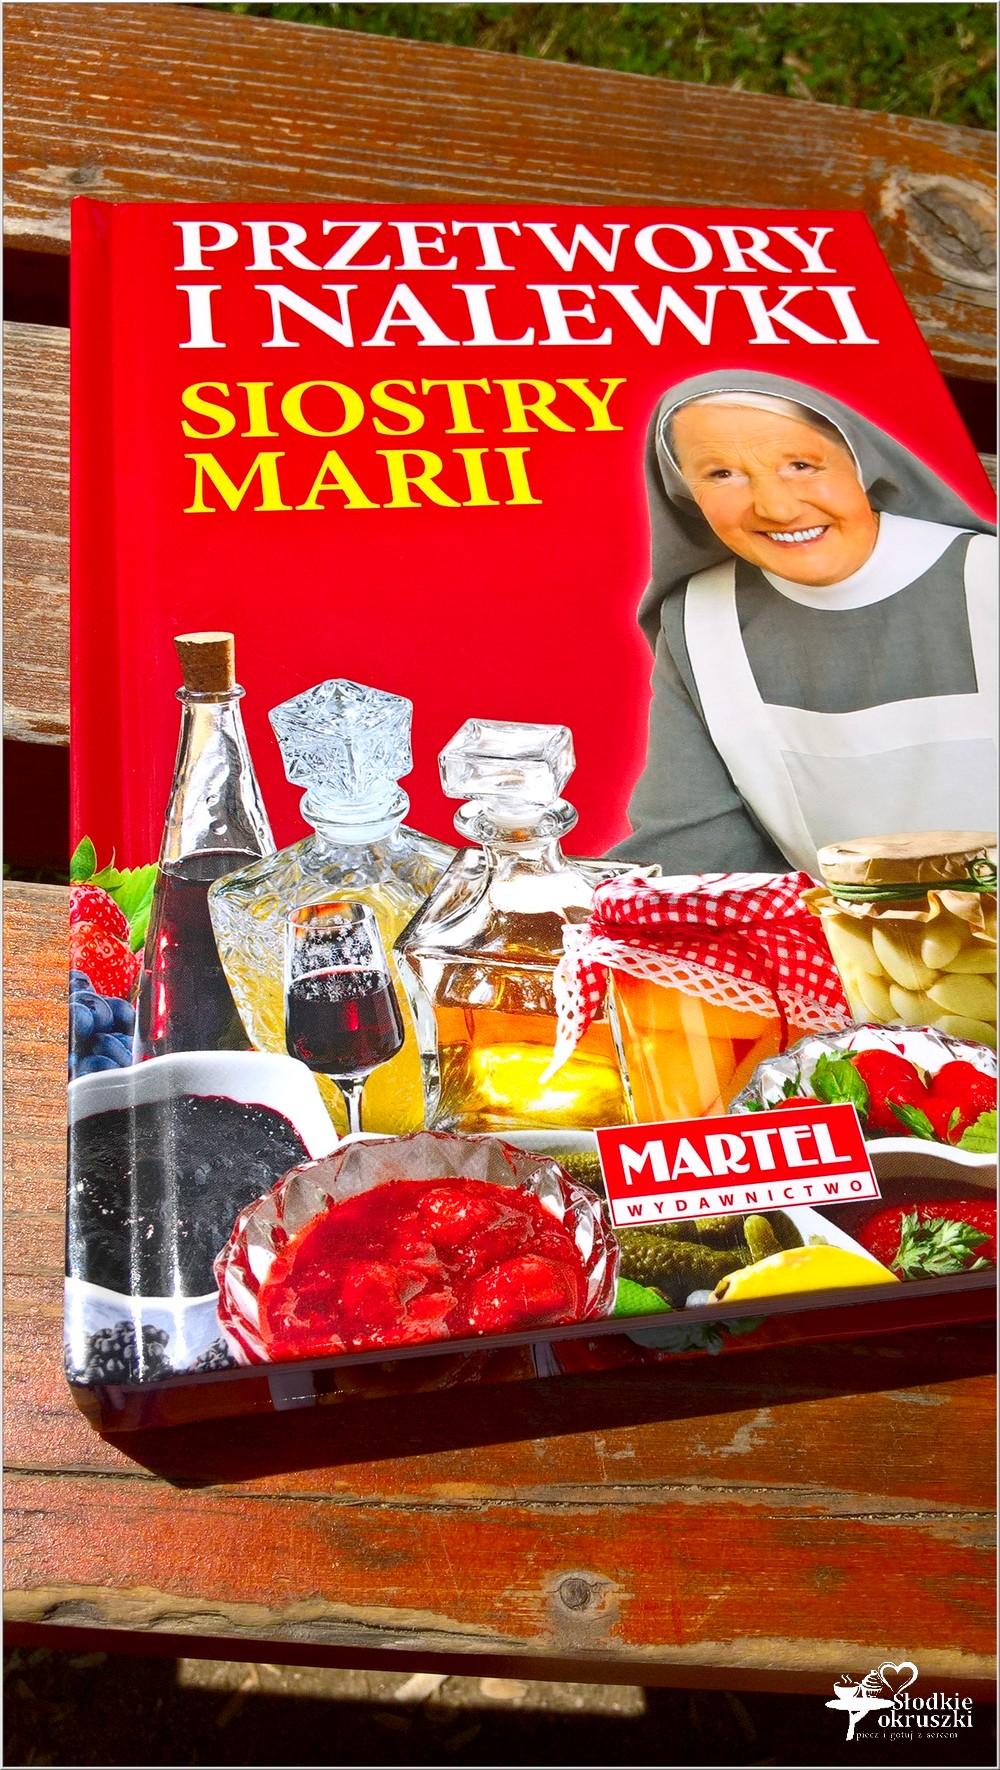 Przetwory i nalewki Siostry Marii. Recenzja (1)